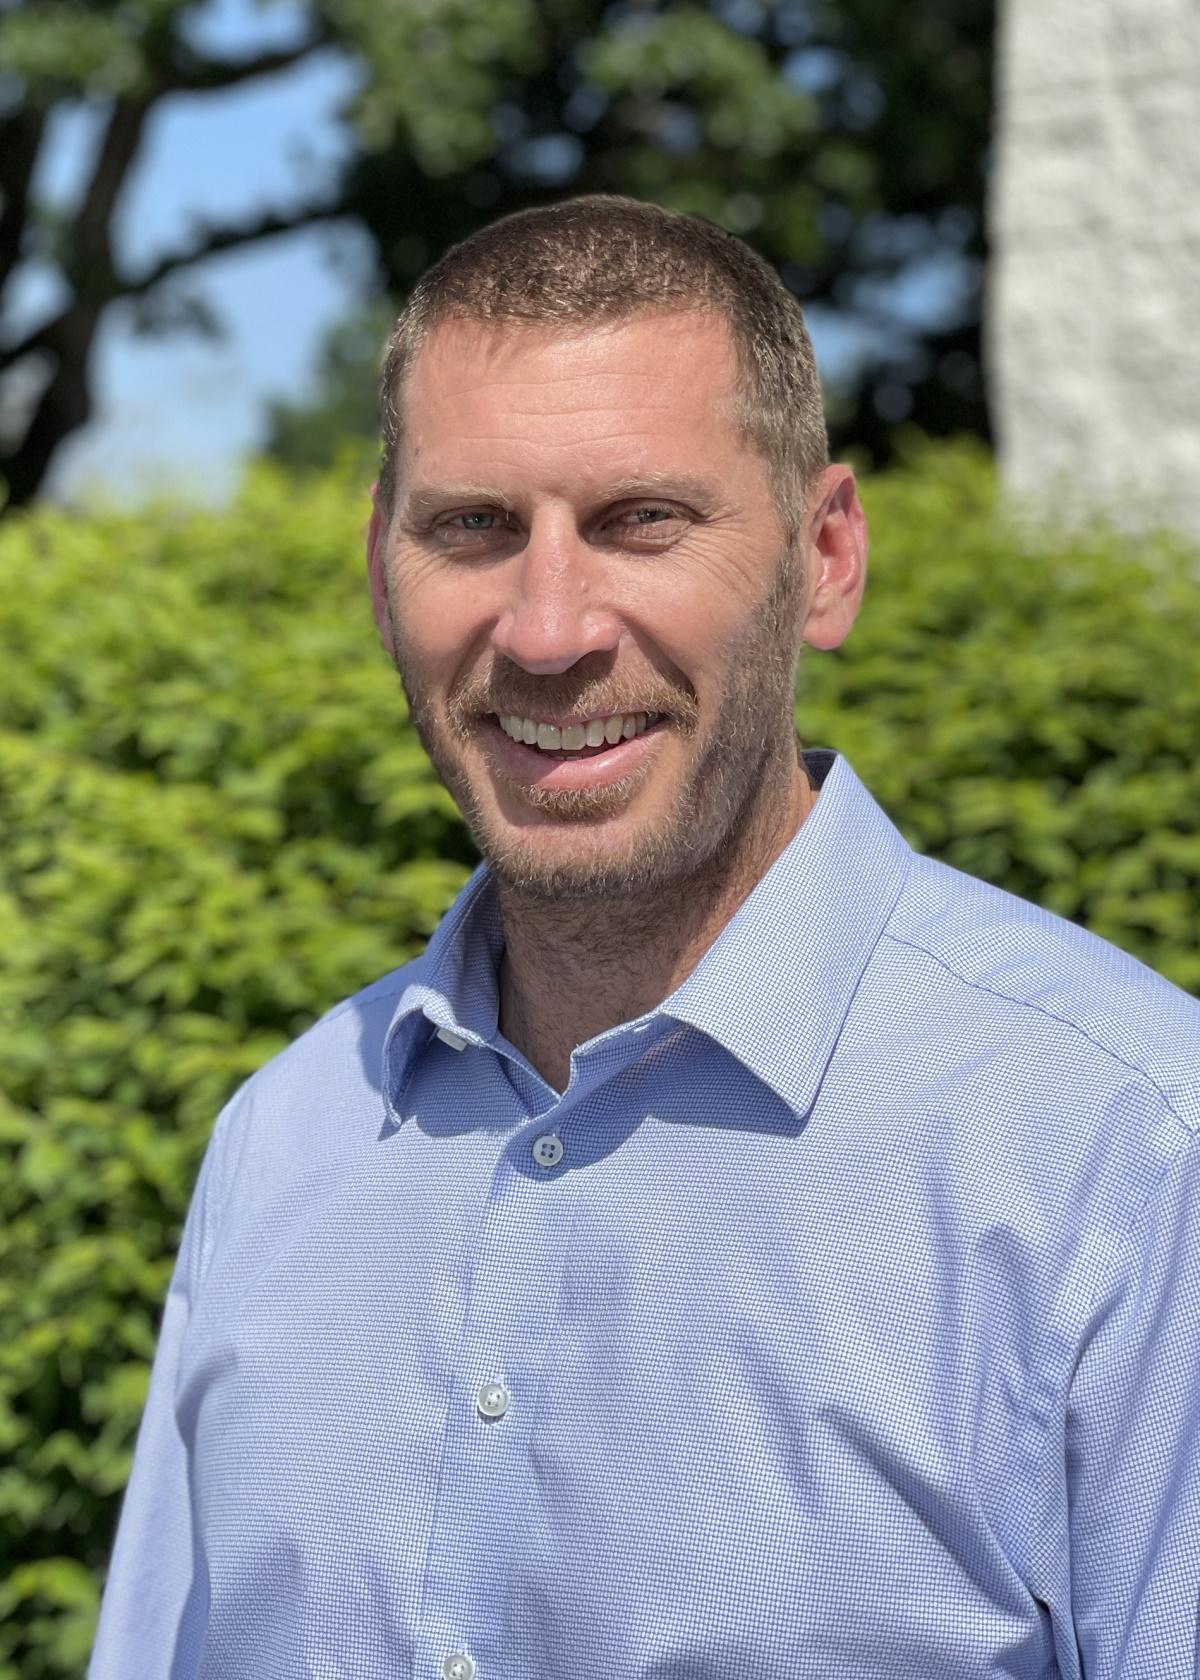 Jeremy Schoenfelder